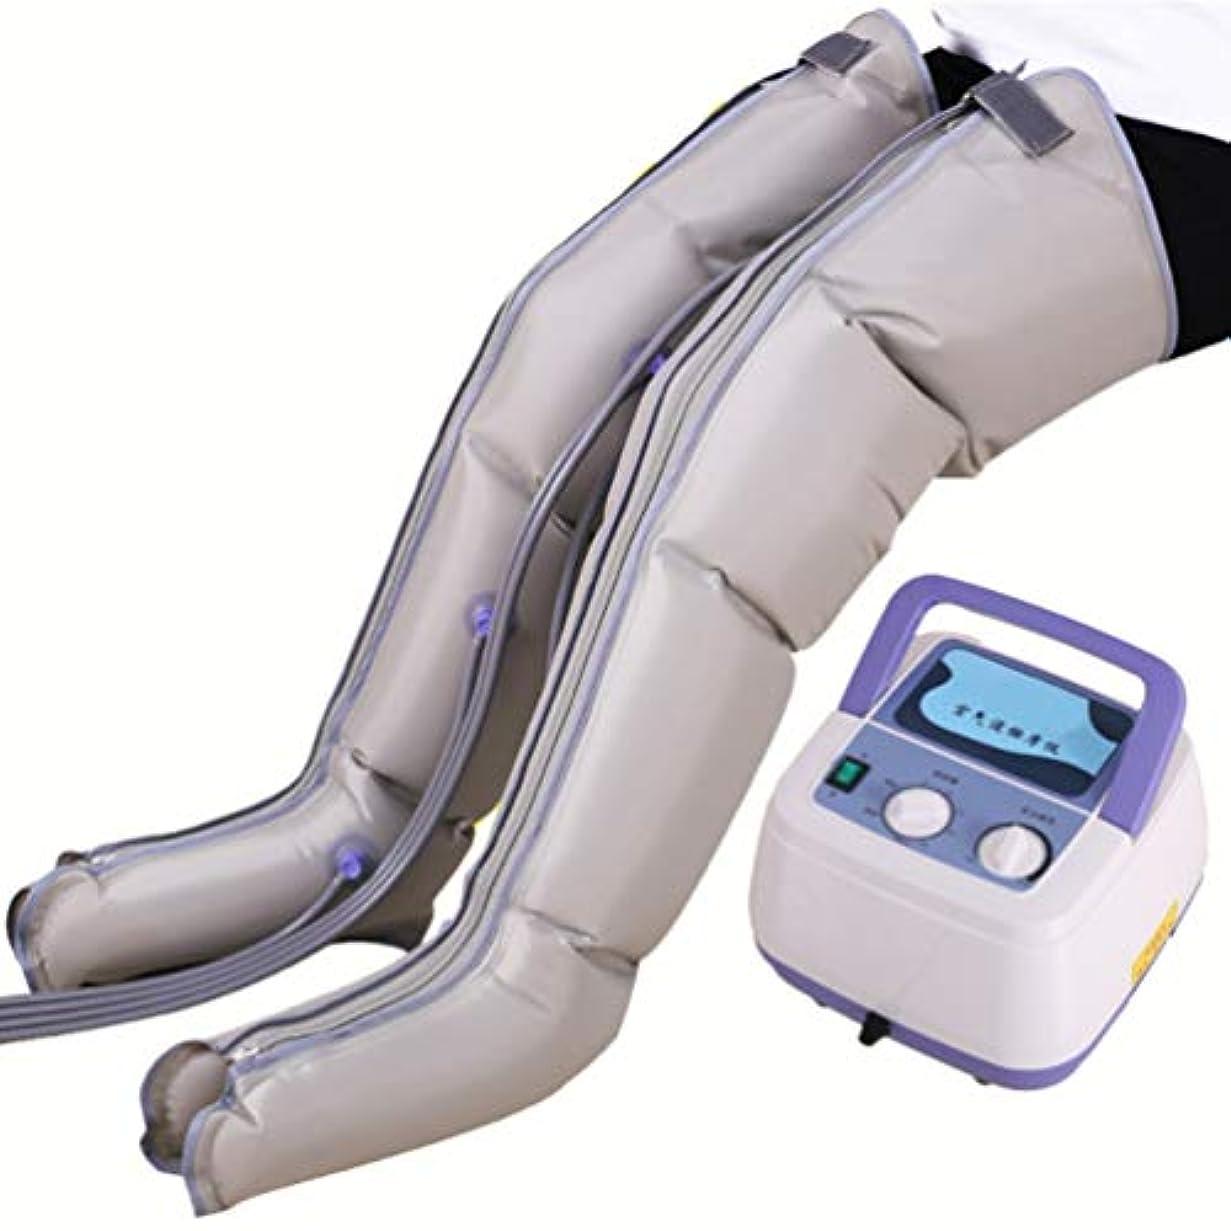 ぴったり調和のとれたボウリング空気圧縮の足のマッサージャー4つのキャビティ足およびフィートの筋肉循環のマッサージ療法のために任意6つのキャビティは膨潤および浮腫の苦痛を助けます,sixCavity